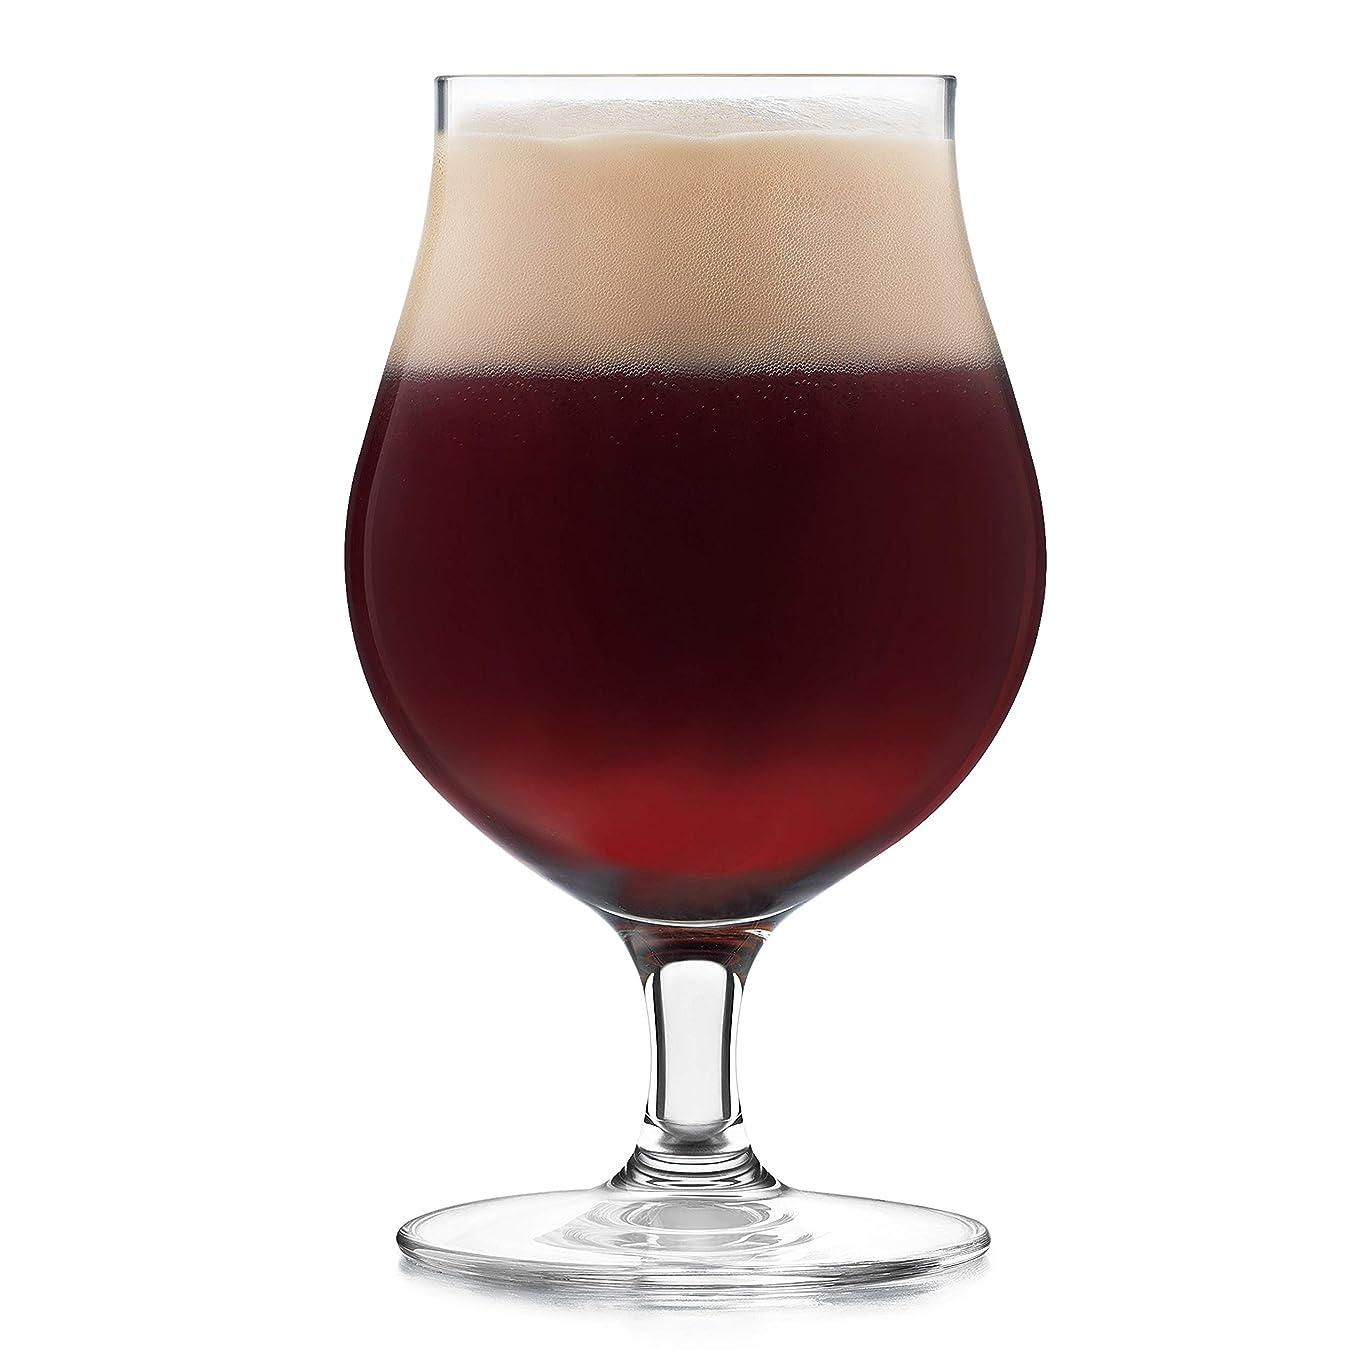 喉が渇いた医療過誤コントローラLibbey署名Kentfield 4ピースベルギービールガラスセット